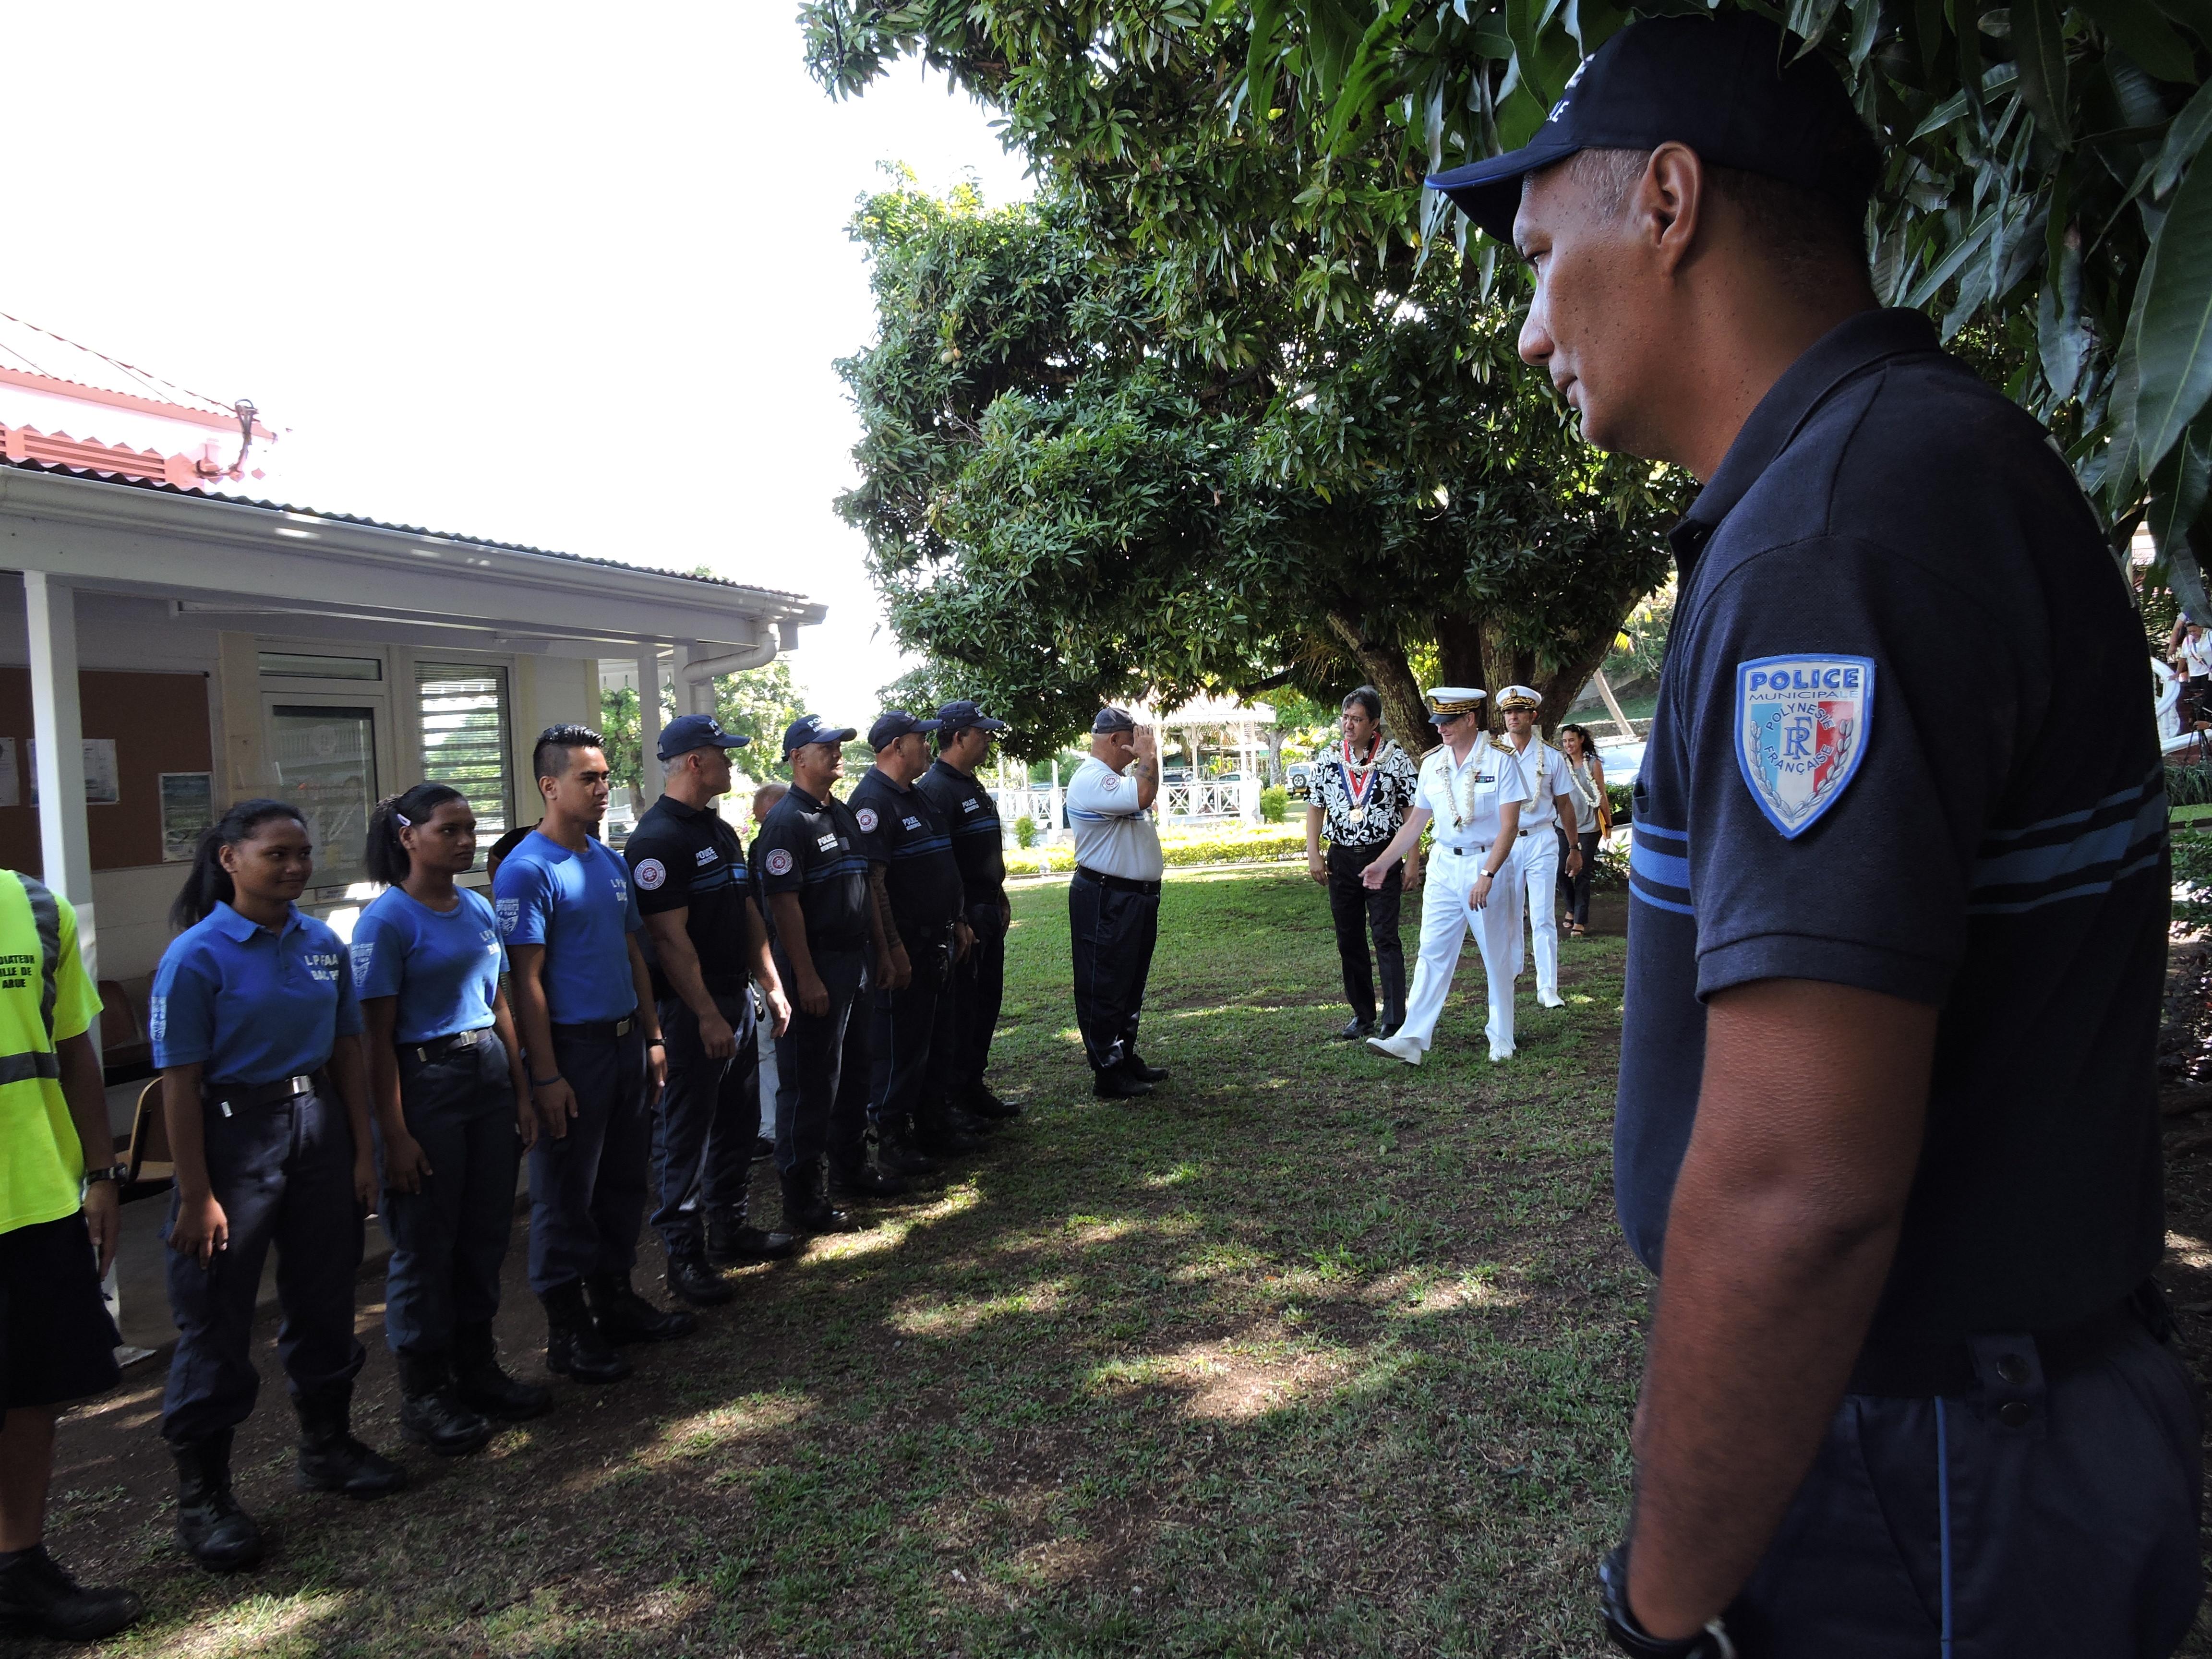 Le haut-commissaire a visité les locaux de la brigade municipale qui viennent d'être refaits.